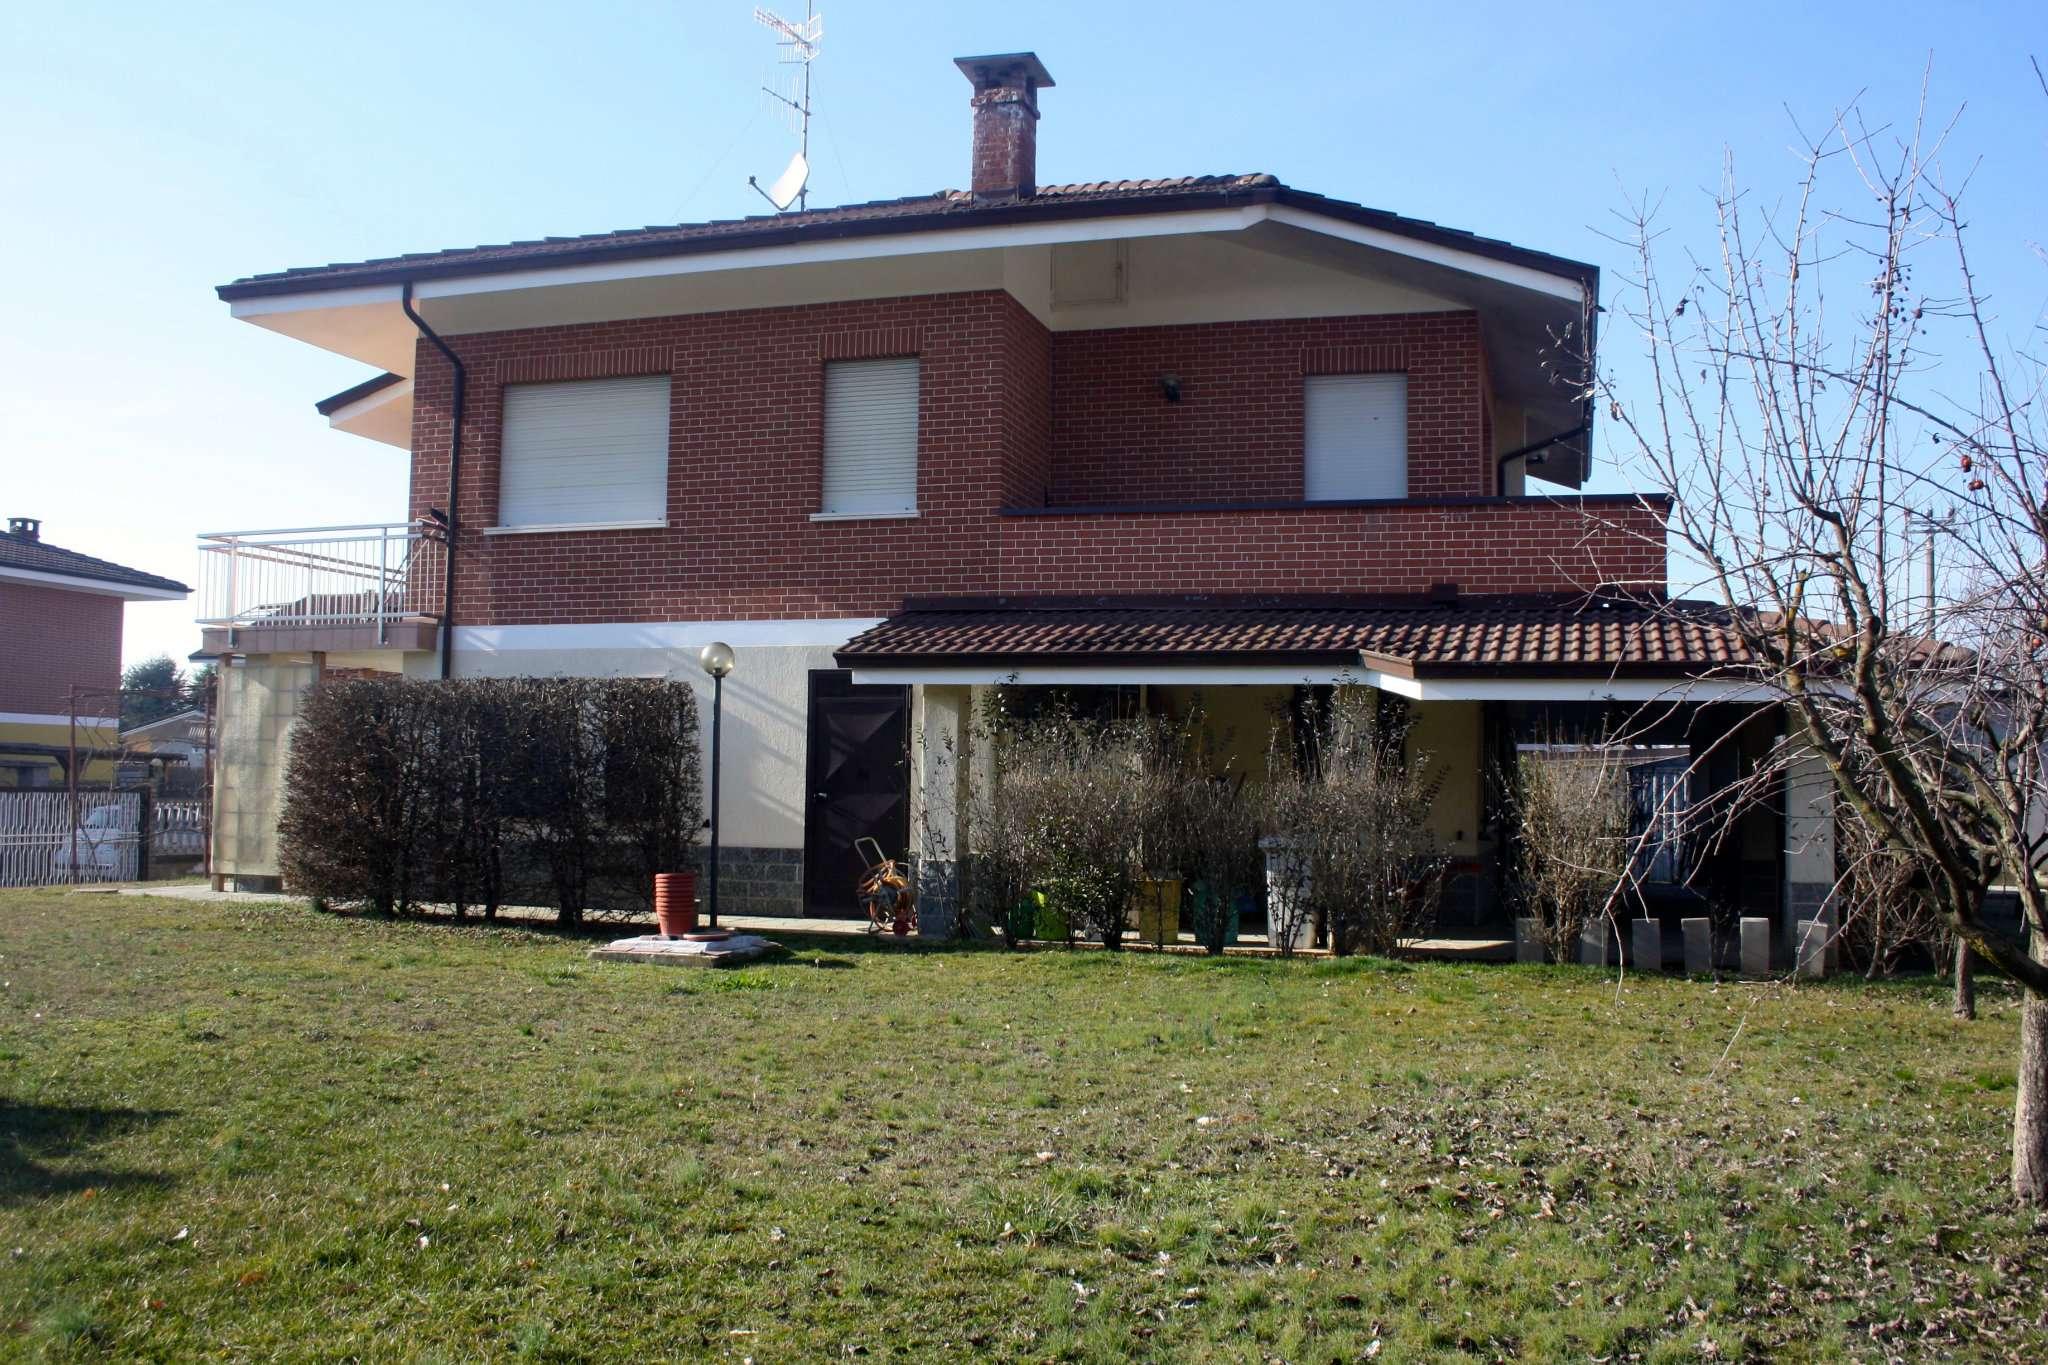 Villa in vendita a Bra, 5 locali, prezzo € 298.000 | CambioCasa.it